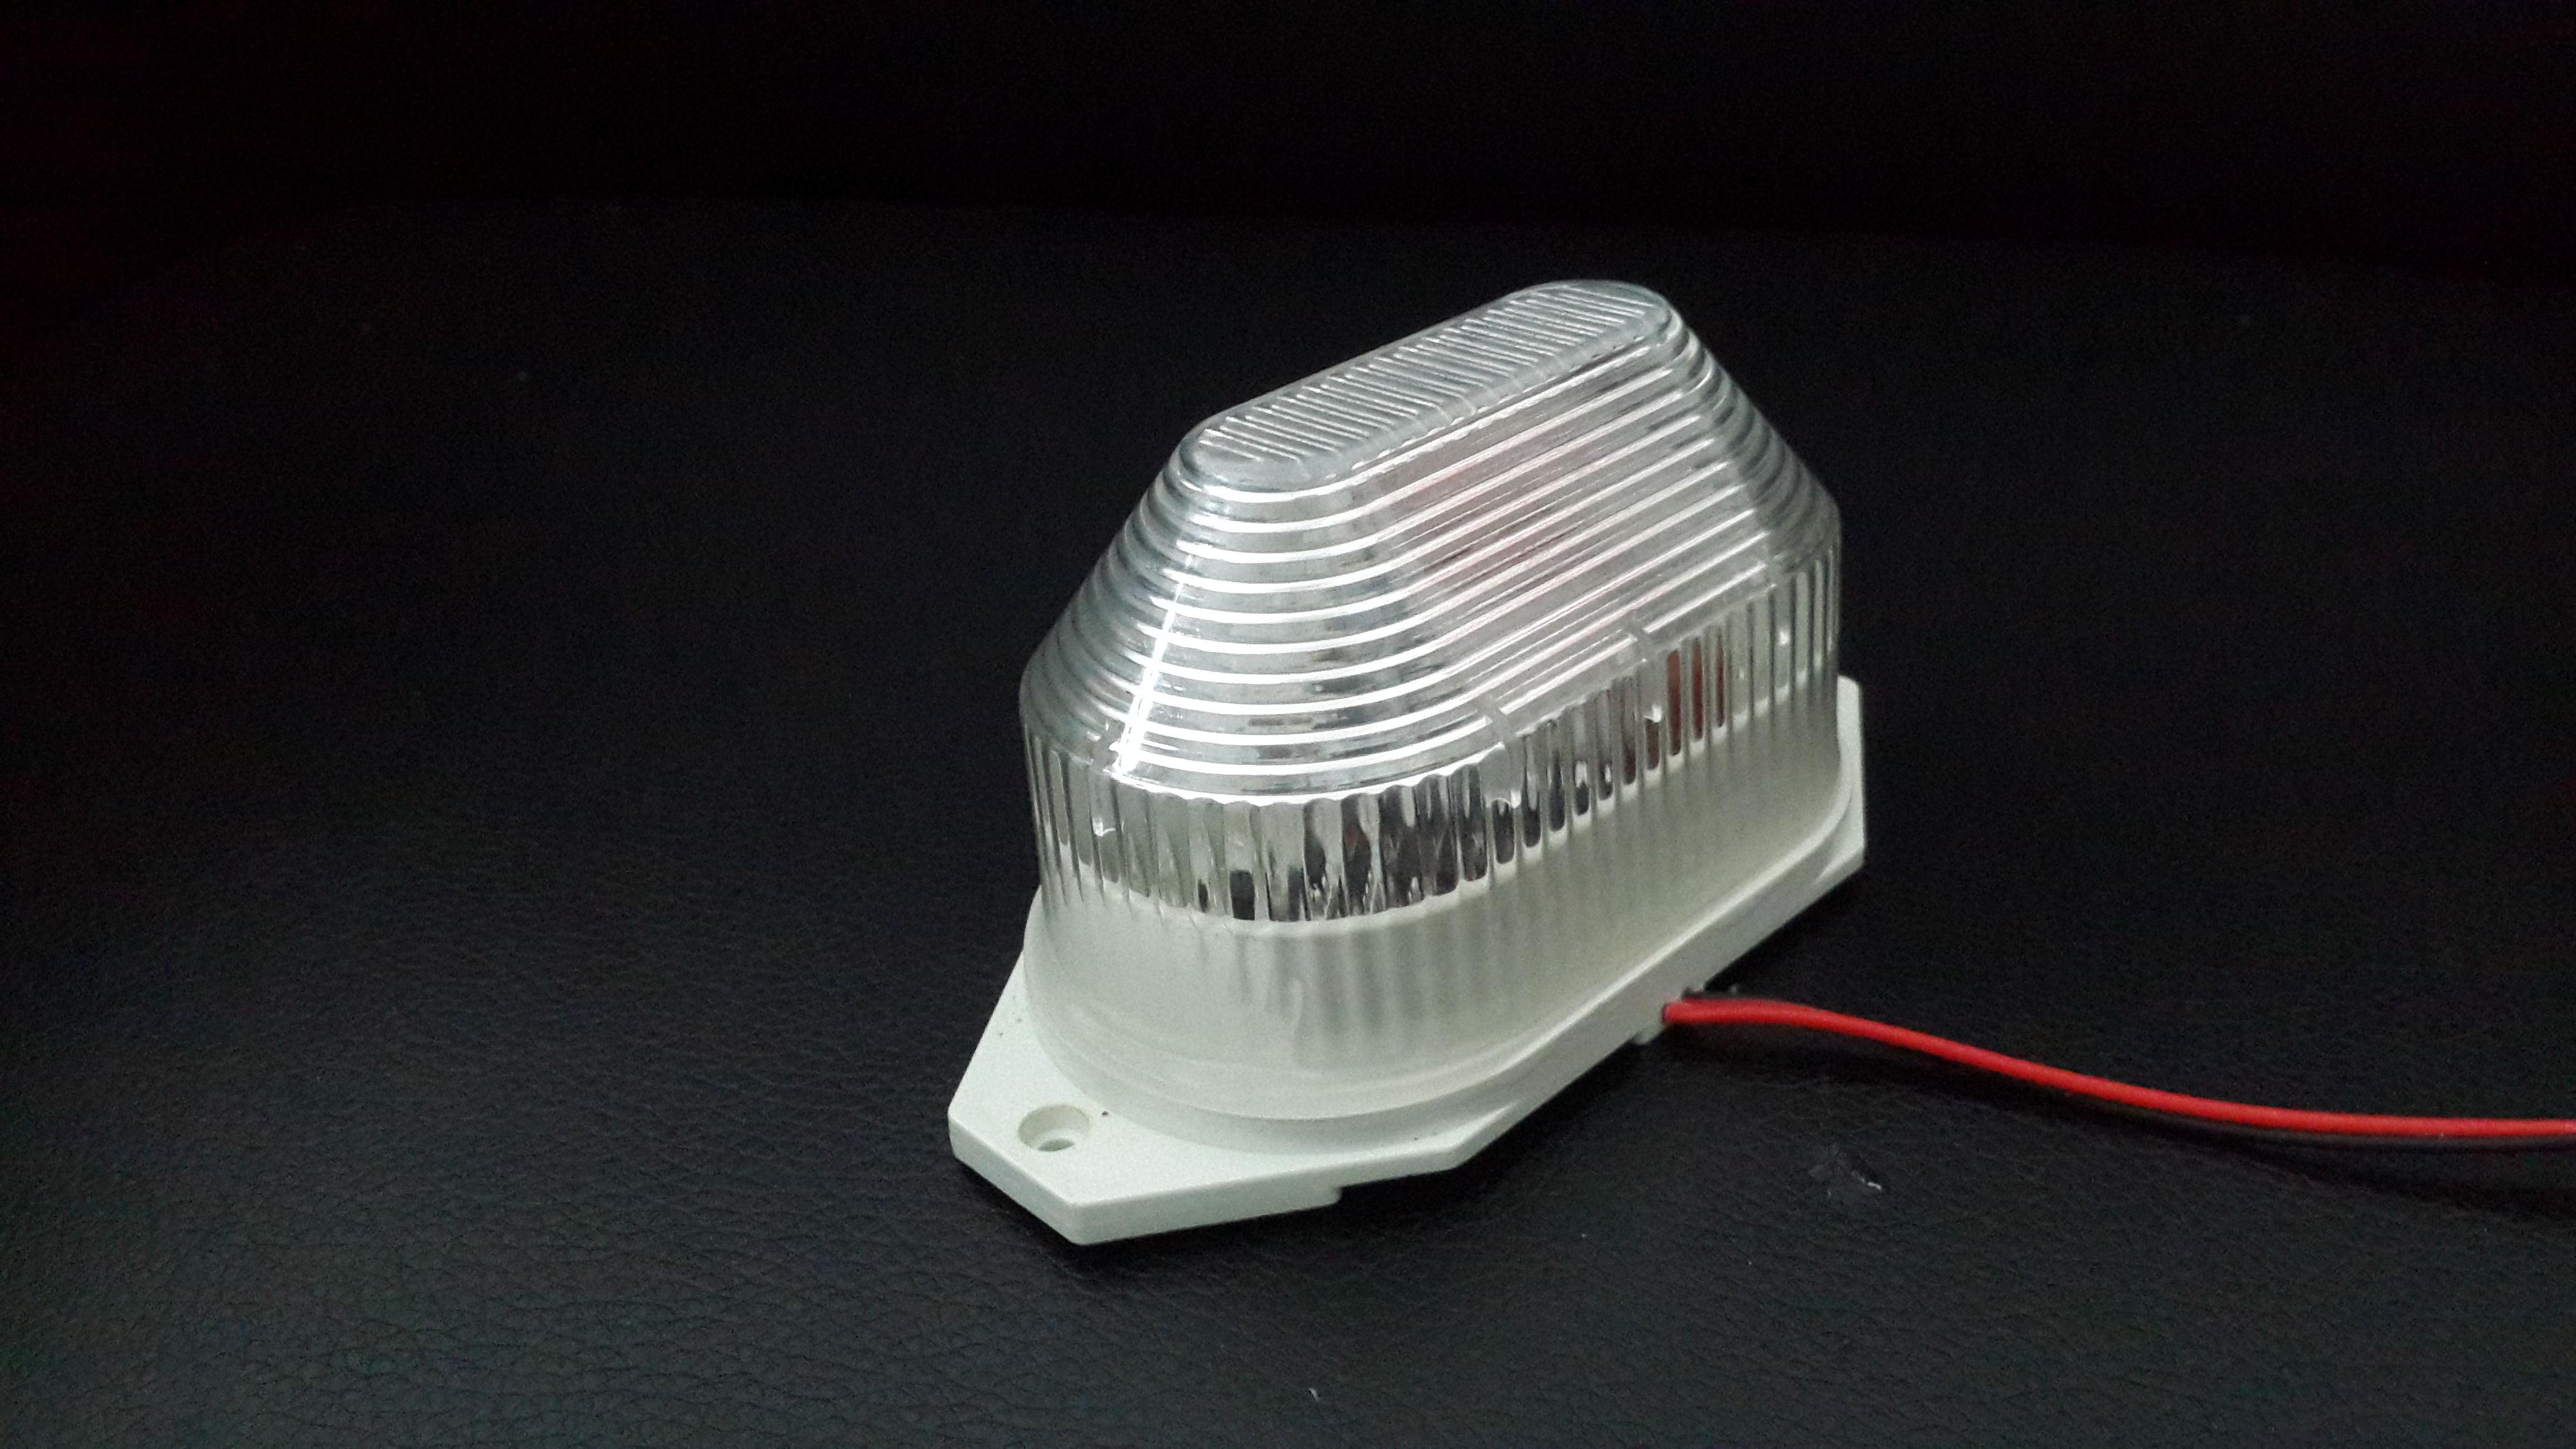 厂家直销LED点光源 广东频闪点光源价格 LED装饰灯厂家